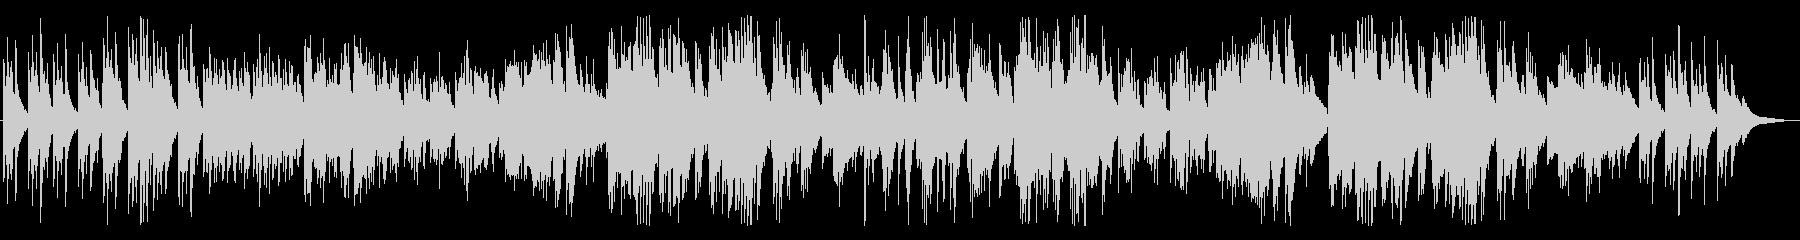 夜空、切ないメロディのピアノBGMの未再生の波形